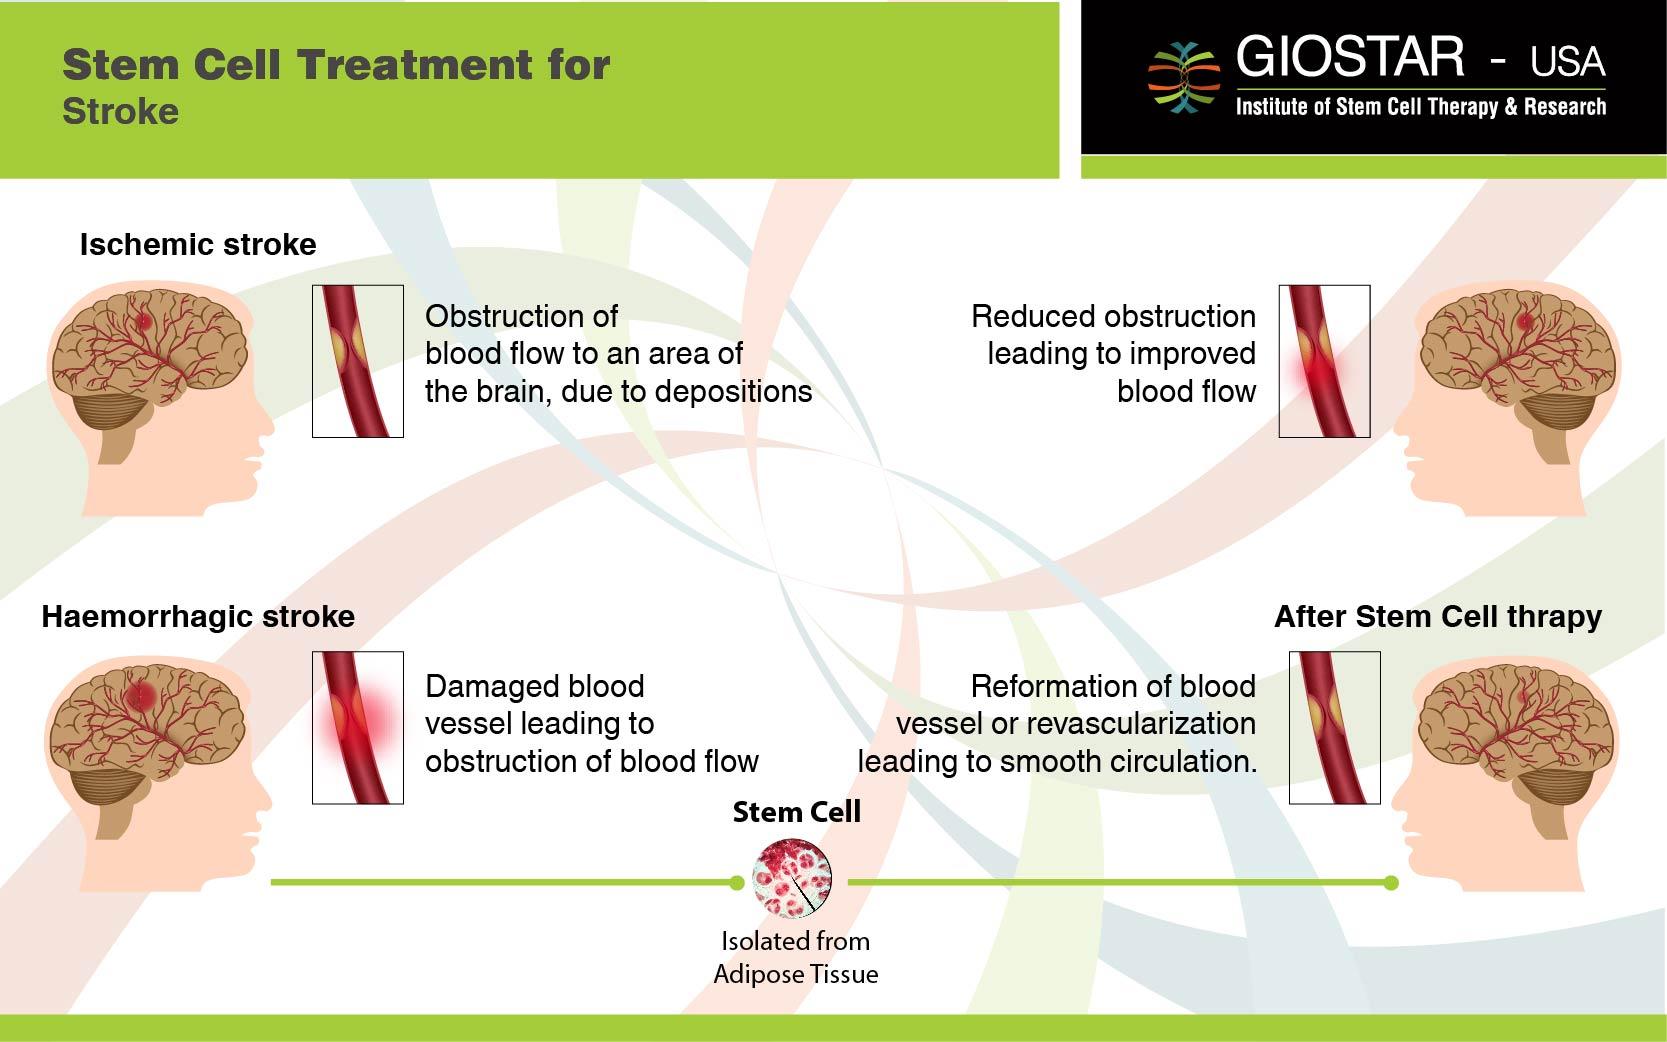 Stem Cell Treatment For Stroke Giostar